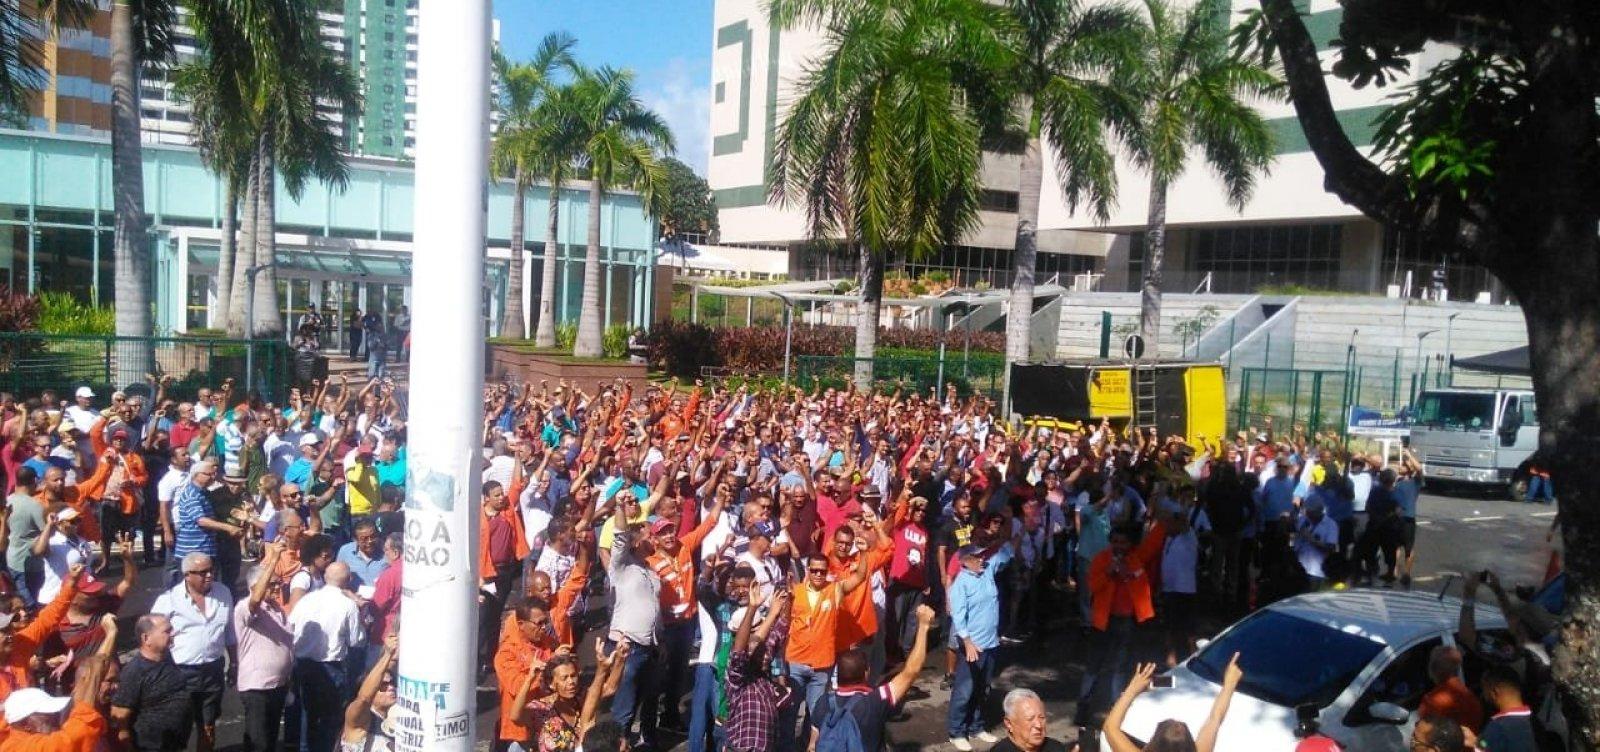 [Trabalhadores fazem protesto em frente à sede da Petrobras em Salvador]